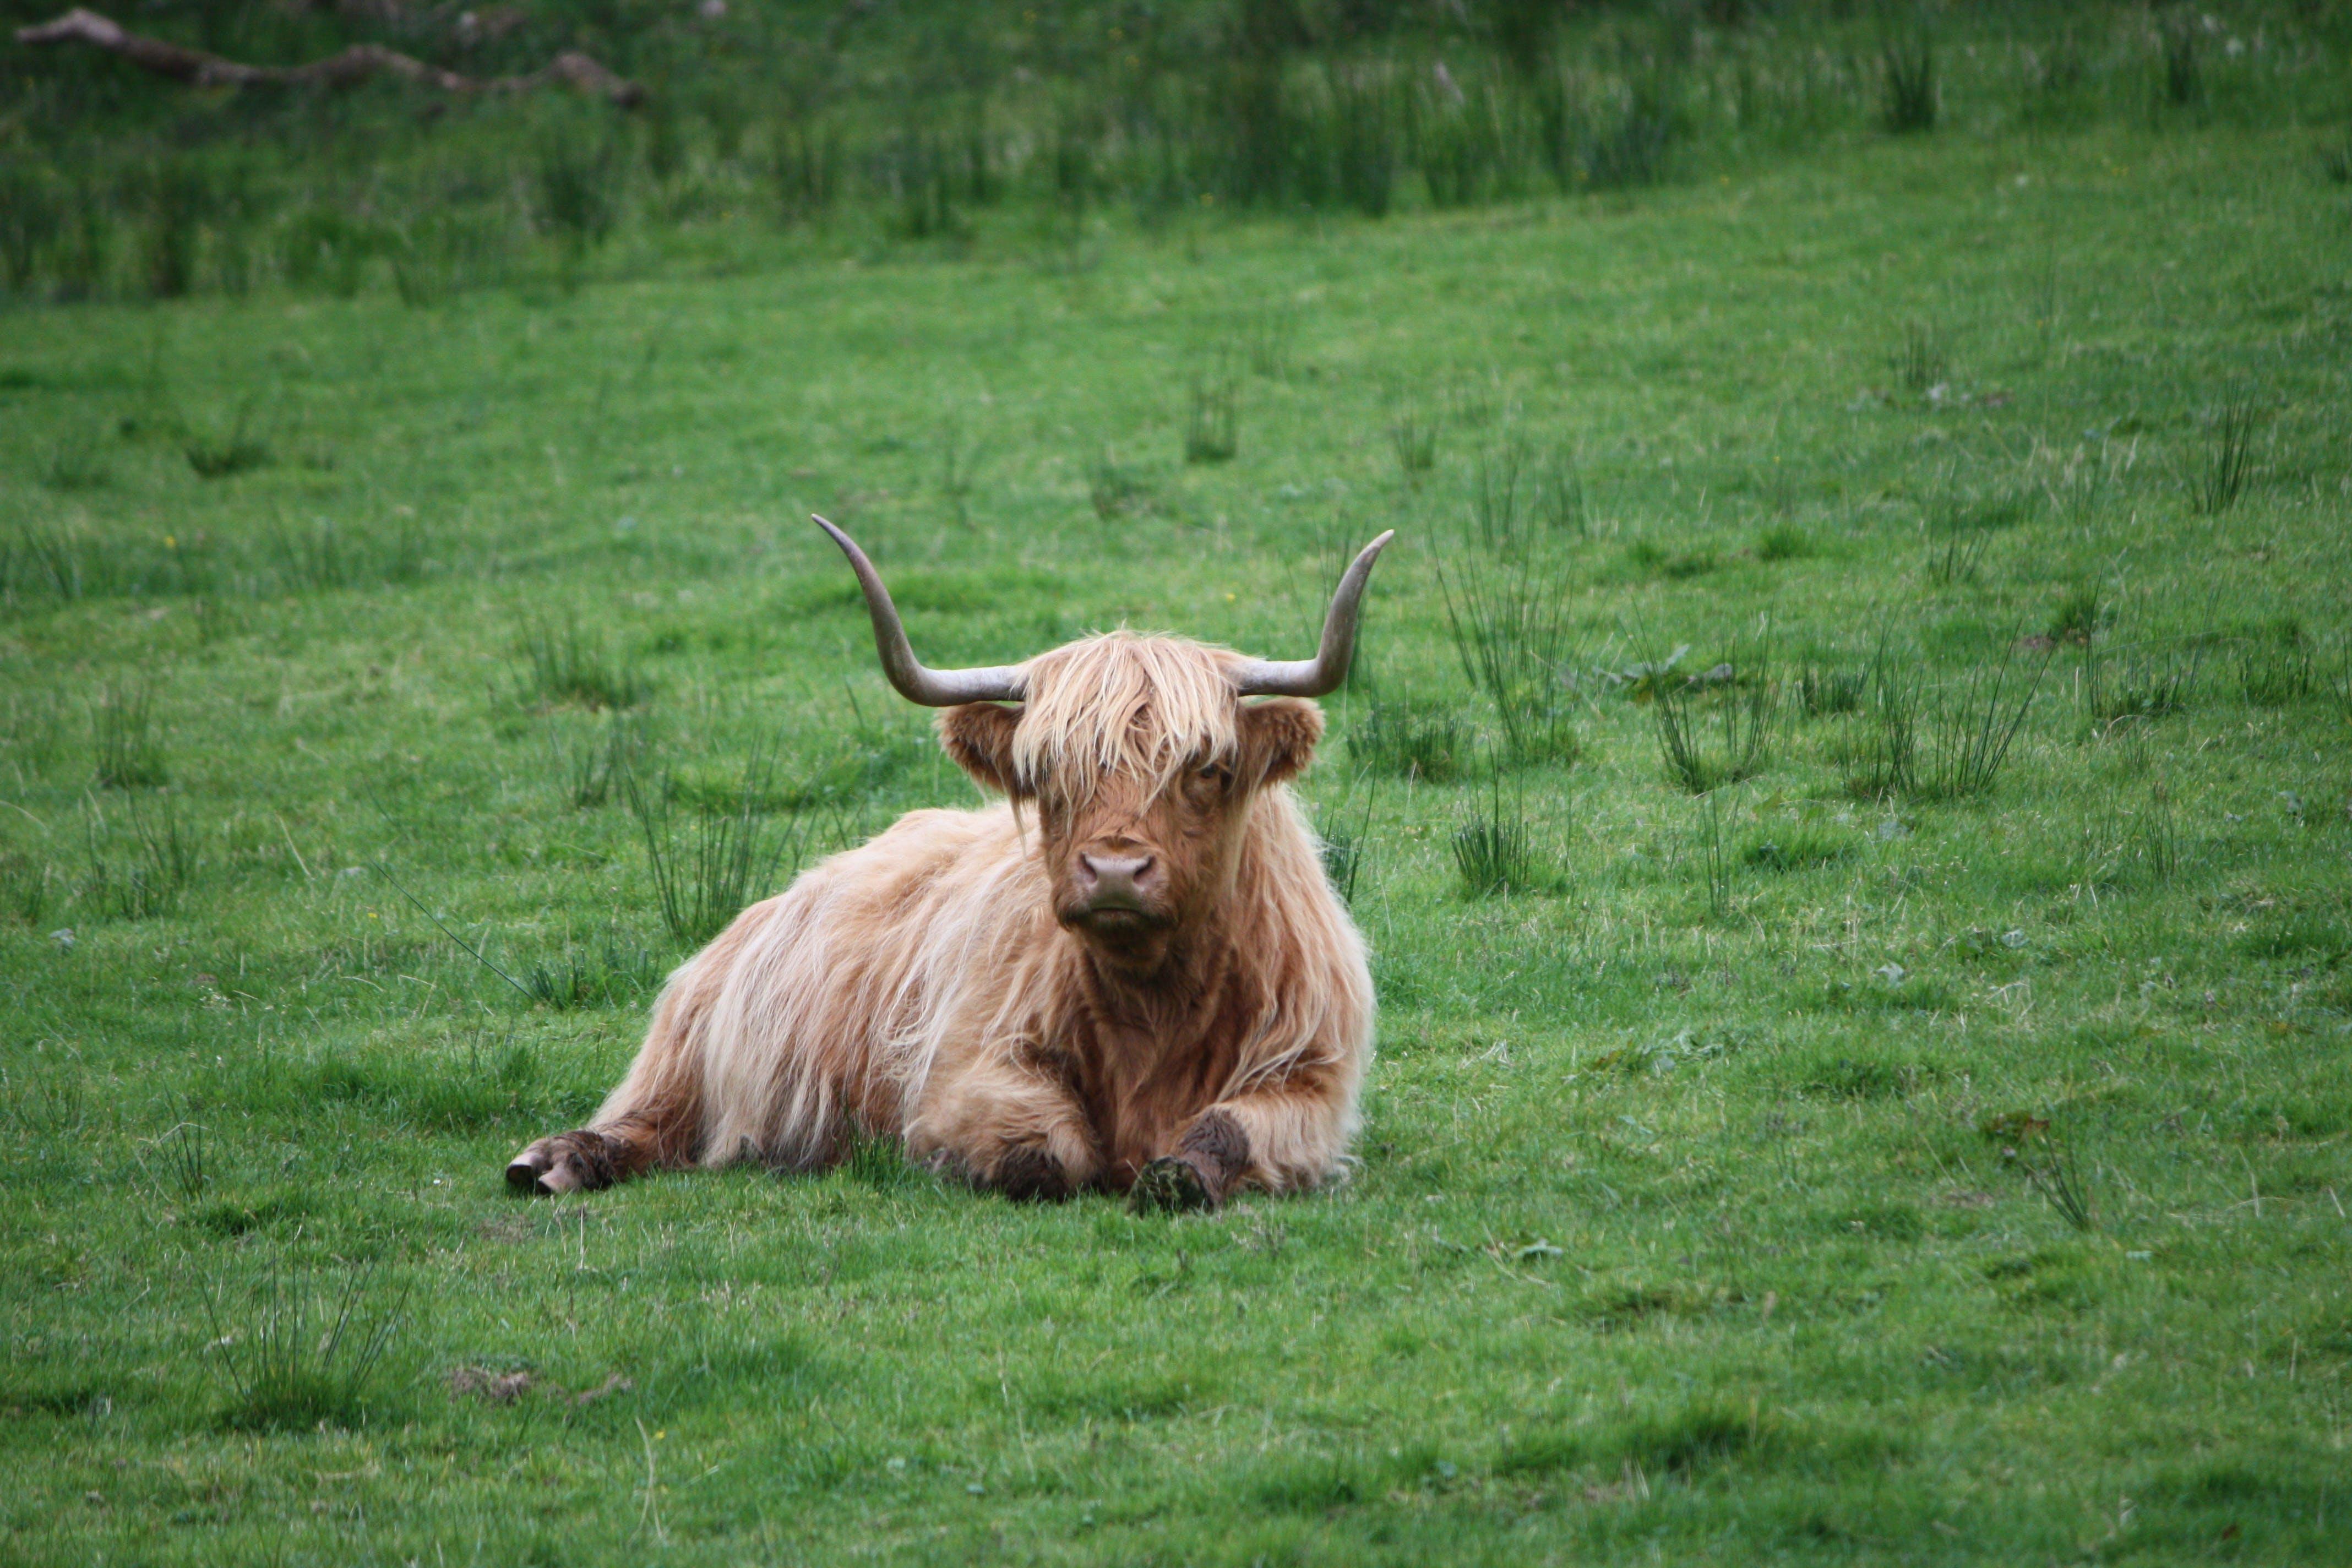 αγελάδα, Αγελάδα των Χάιλαντς, αγρόκτημα